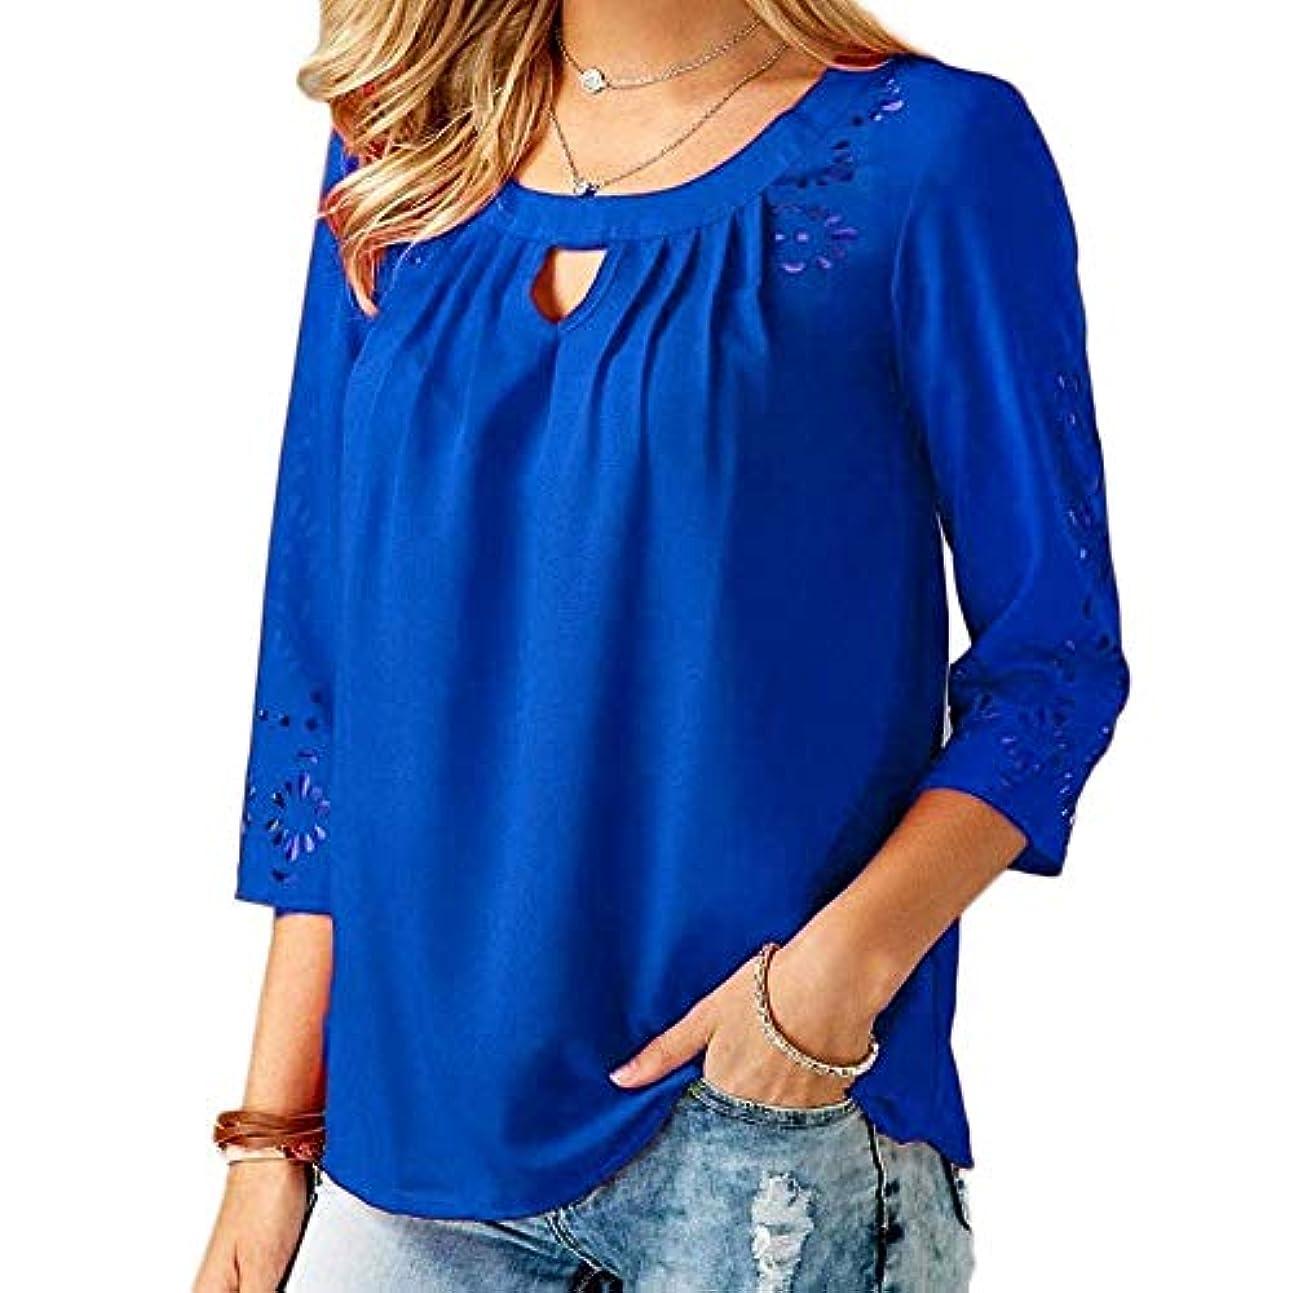 文献発掘するしおれたMIFAN ゆったりTシャツ、シフォンシャツ、カジュアルシャツ、女性トップ、プラスサイズトップ